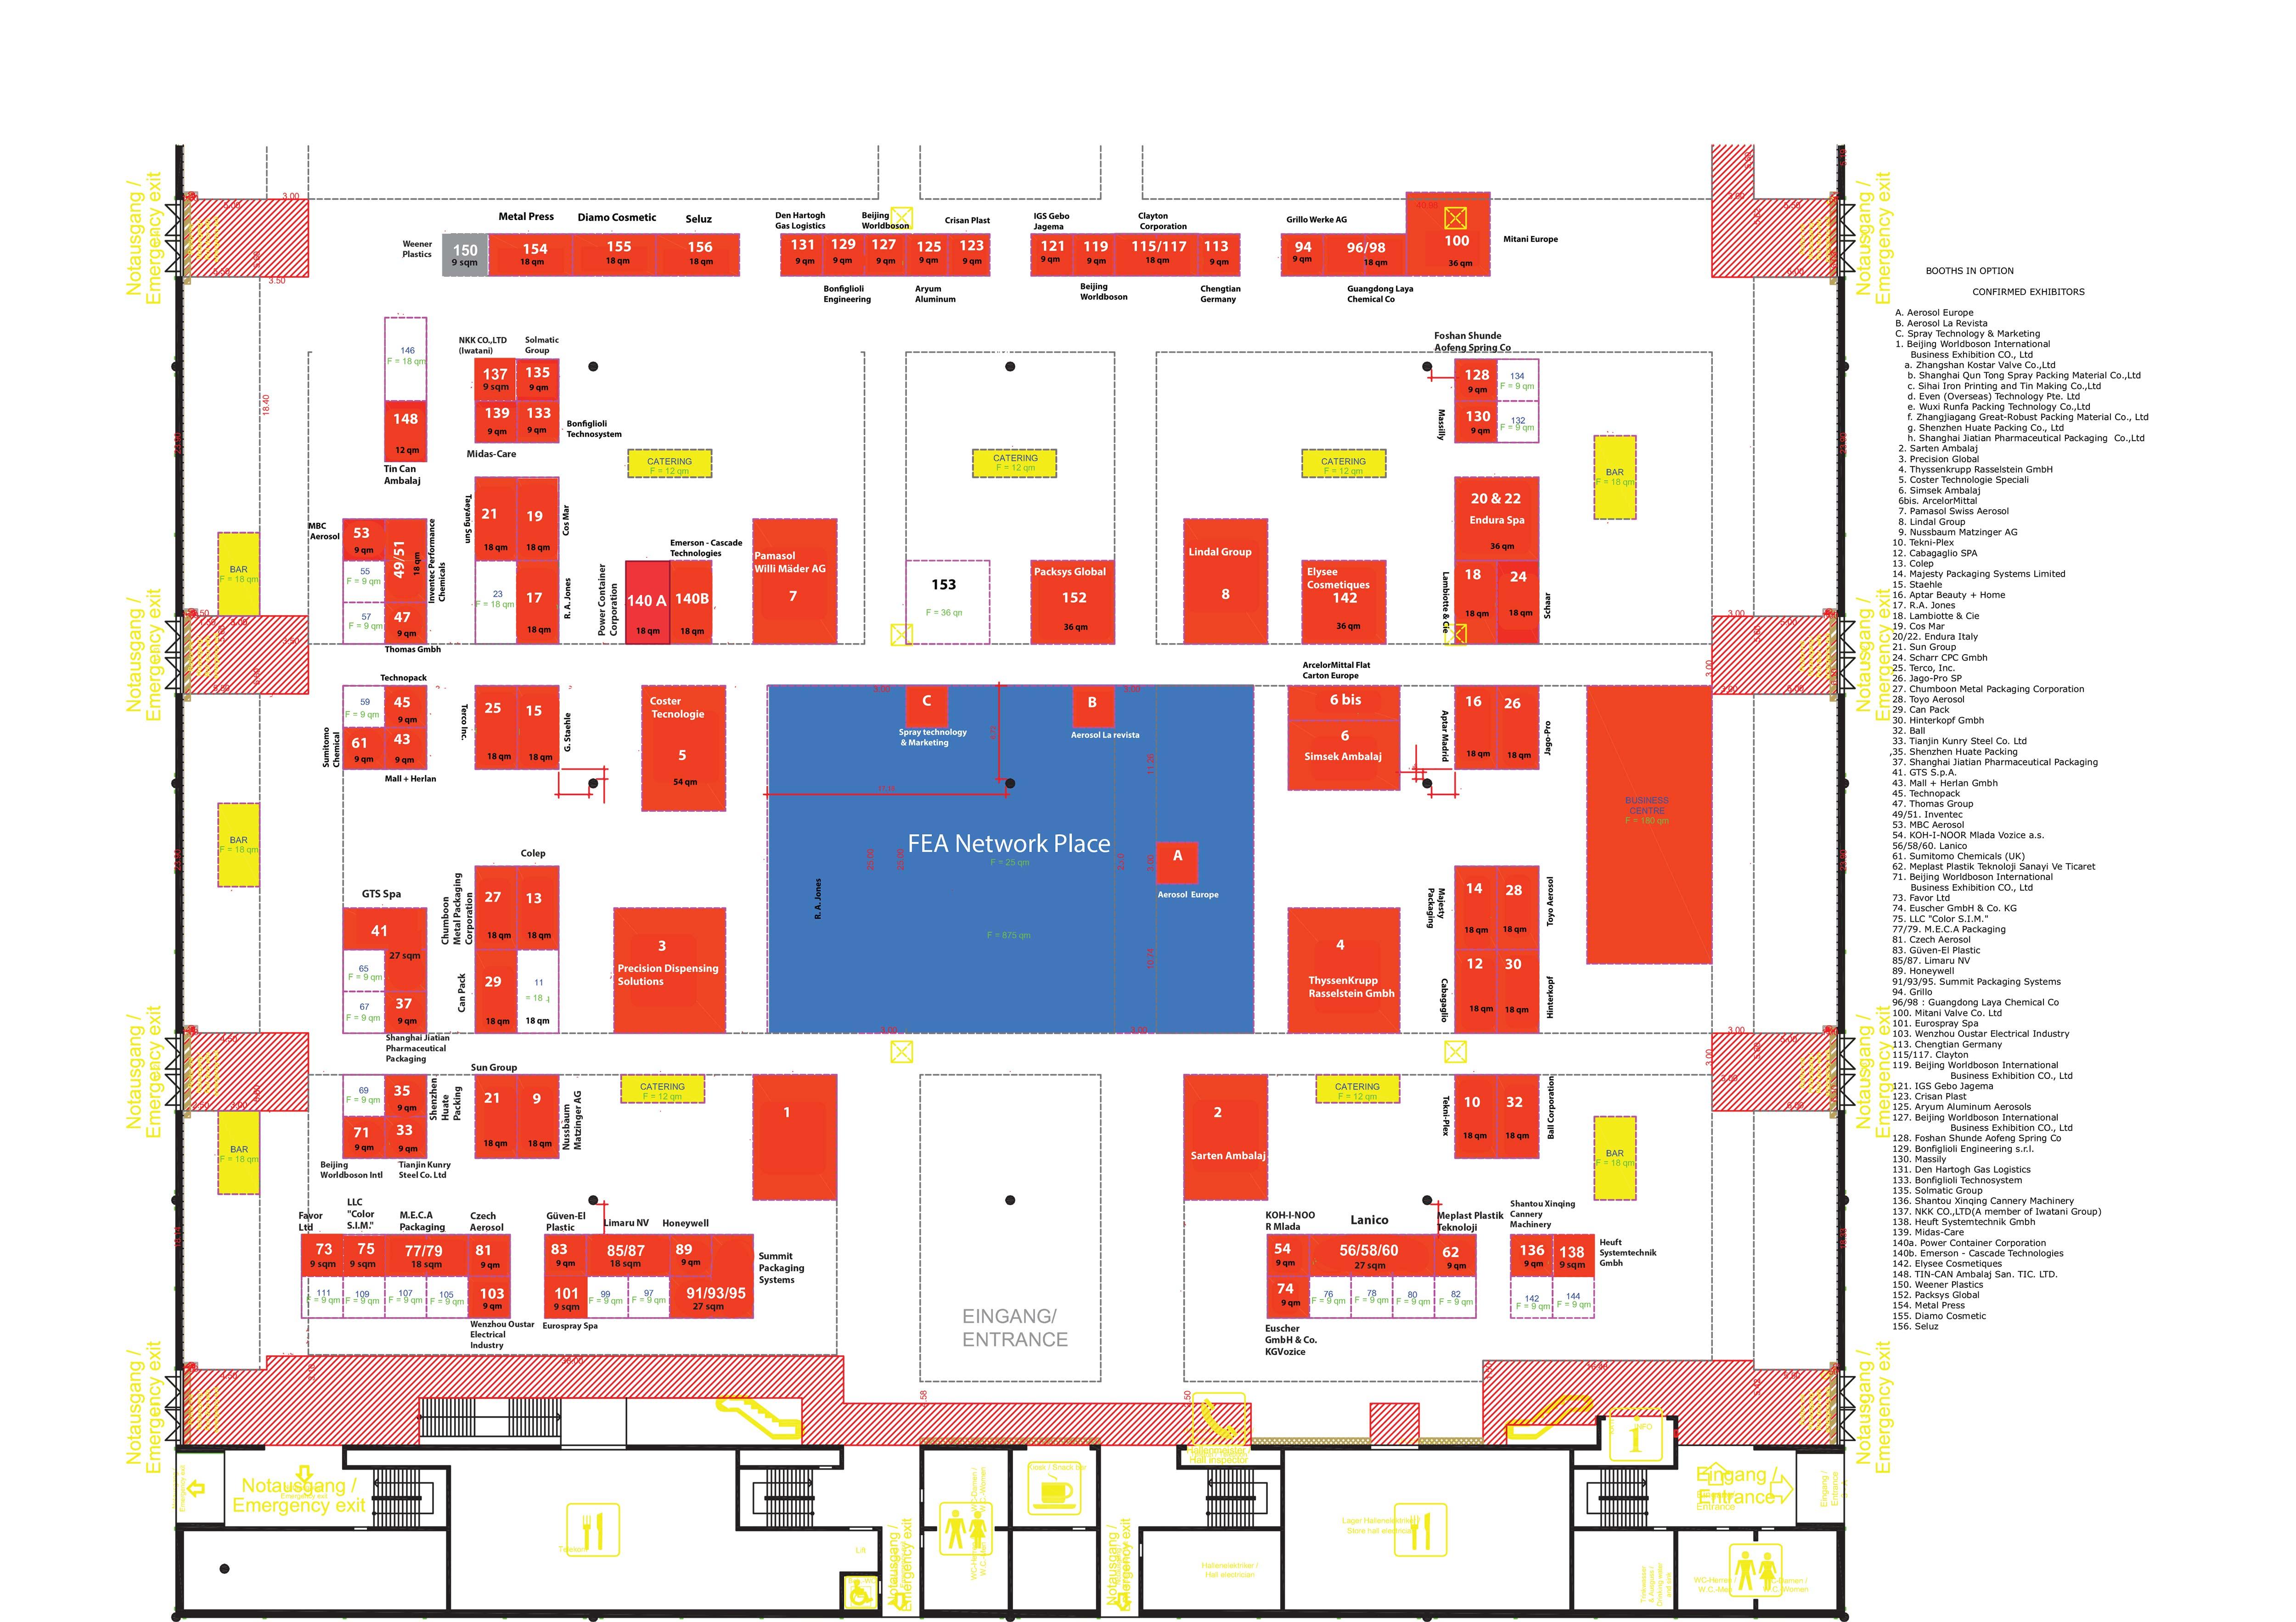 Exhibition floormap